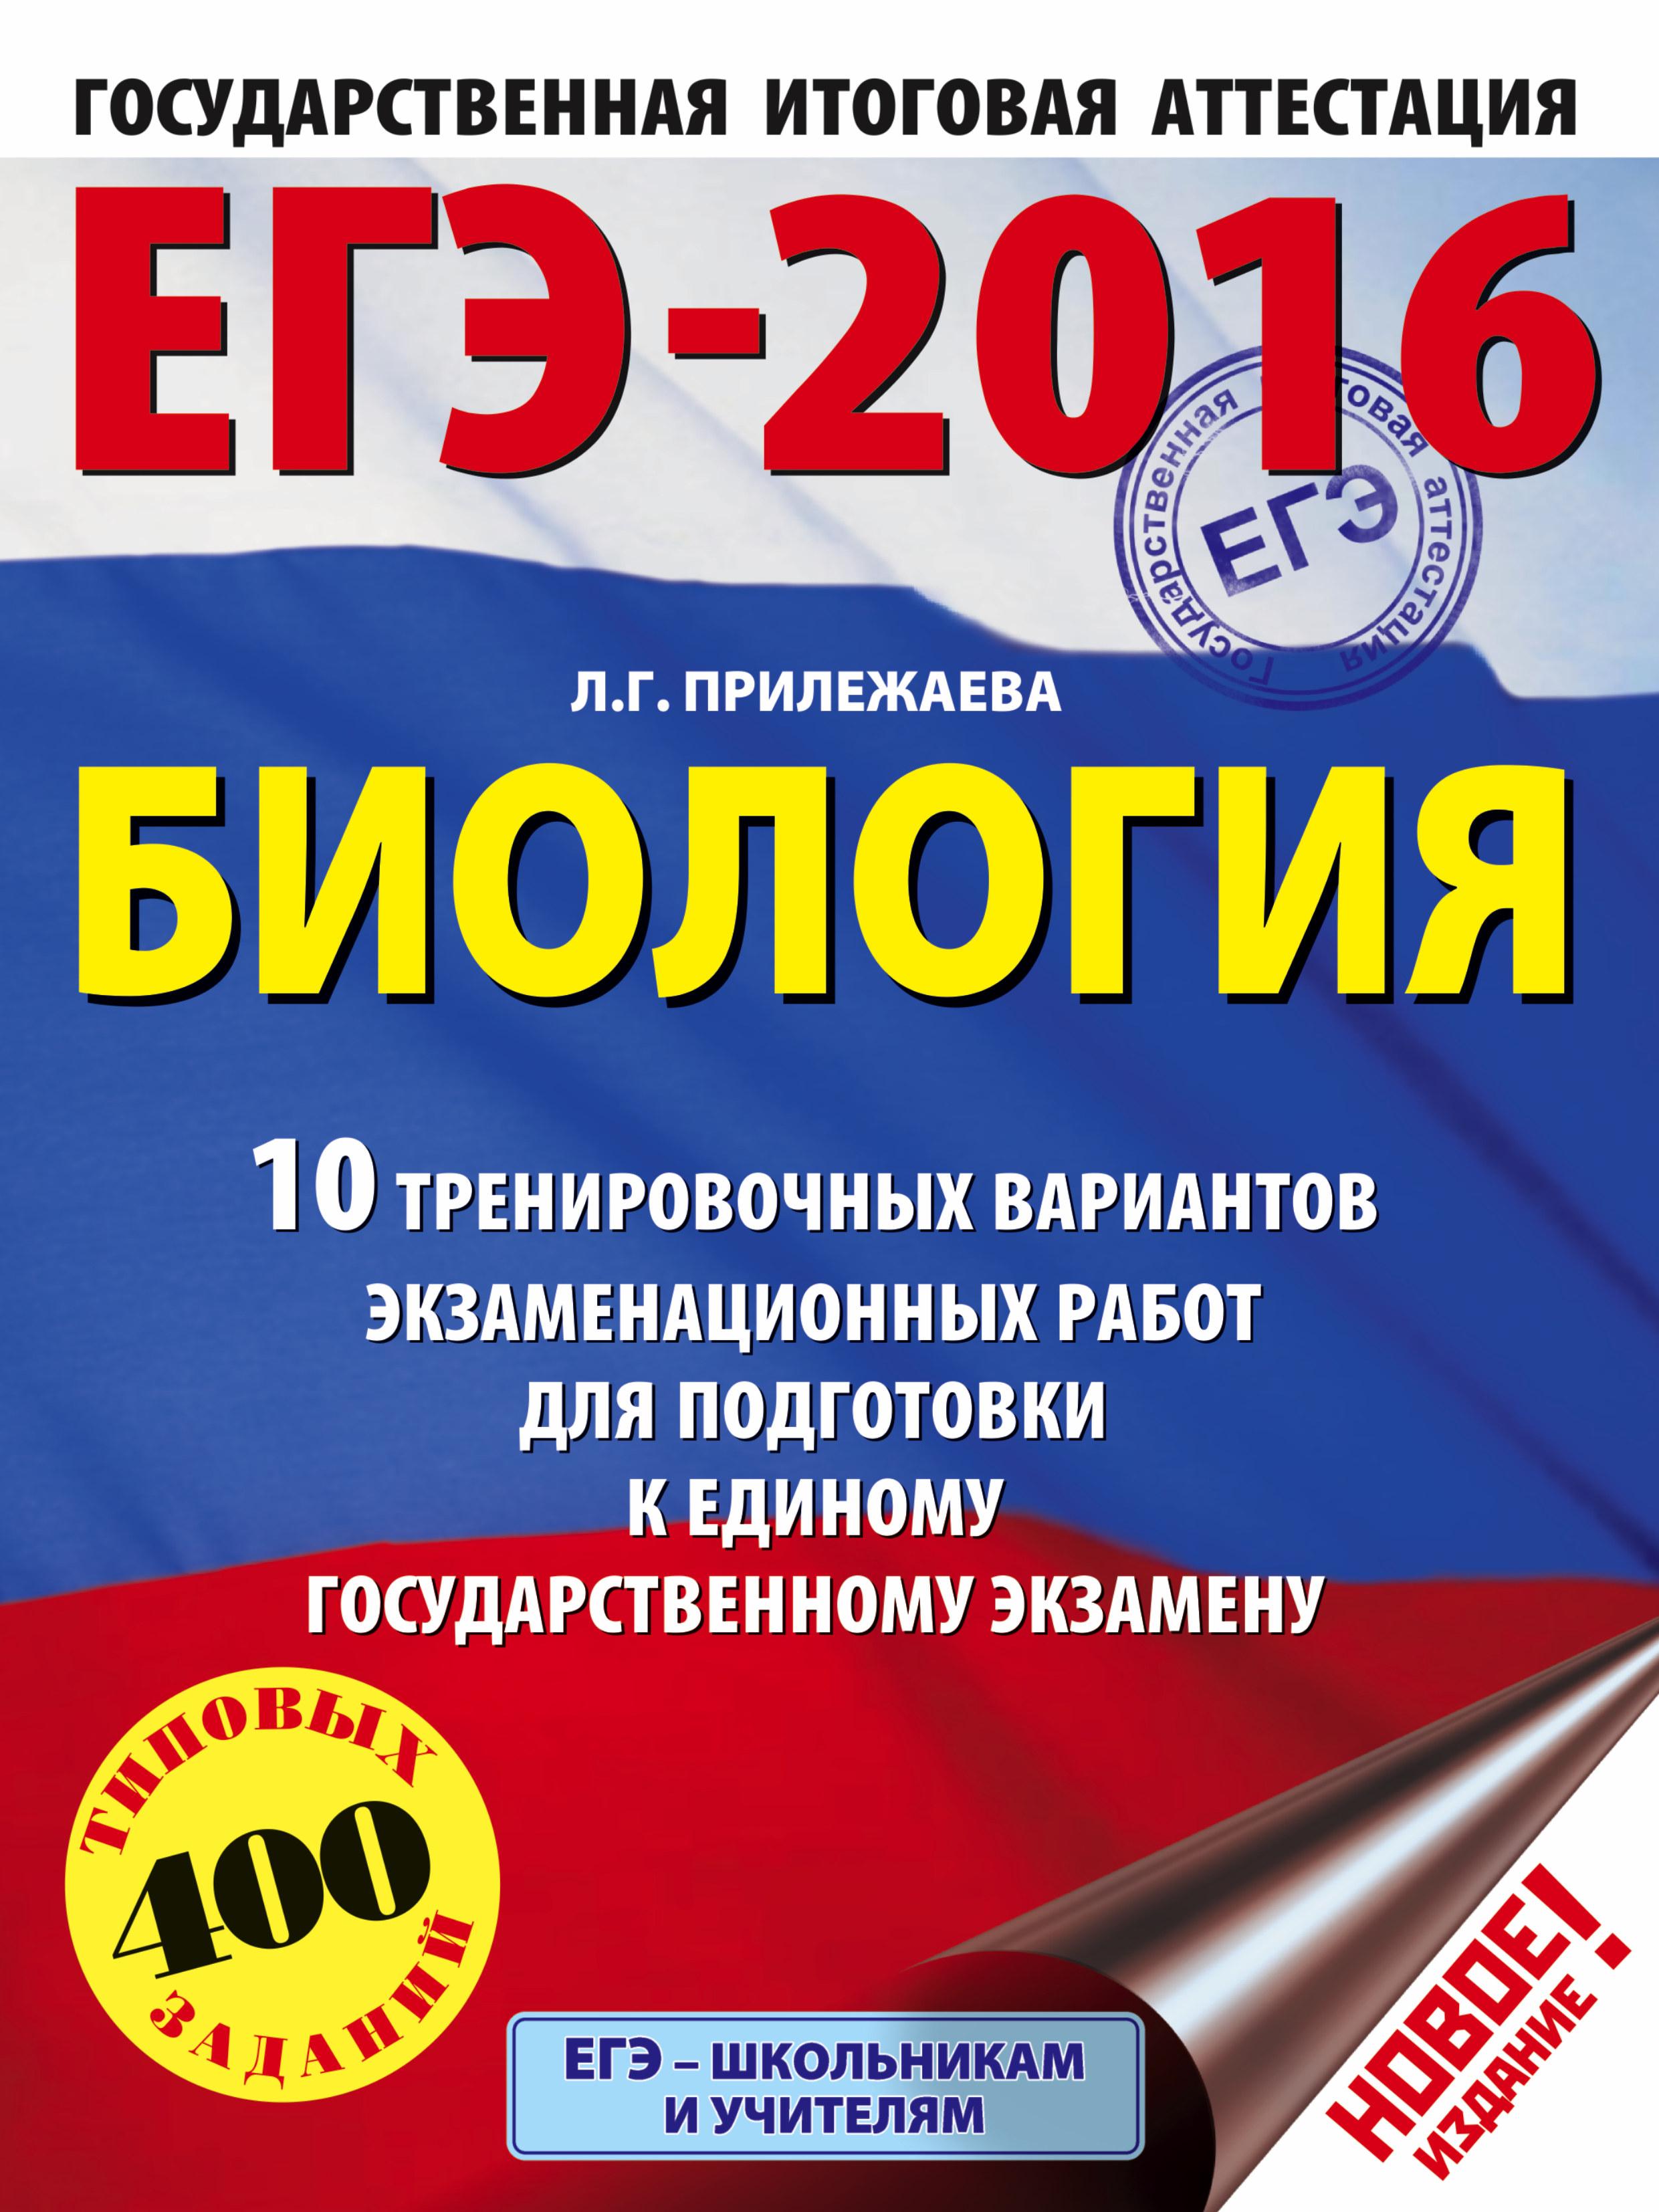 ЕГЭ-2016. Биология (60х84/8) 10 тренировочных вариантов экзаменационных работ для подготовки к ЕГЭ